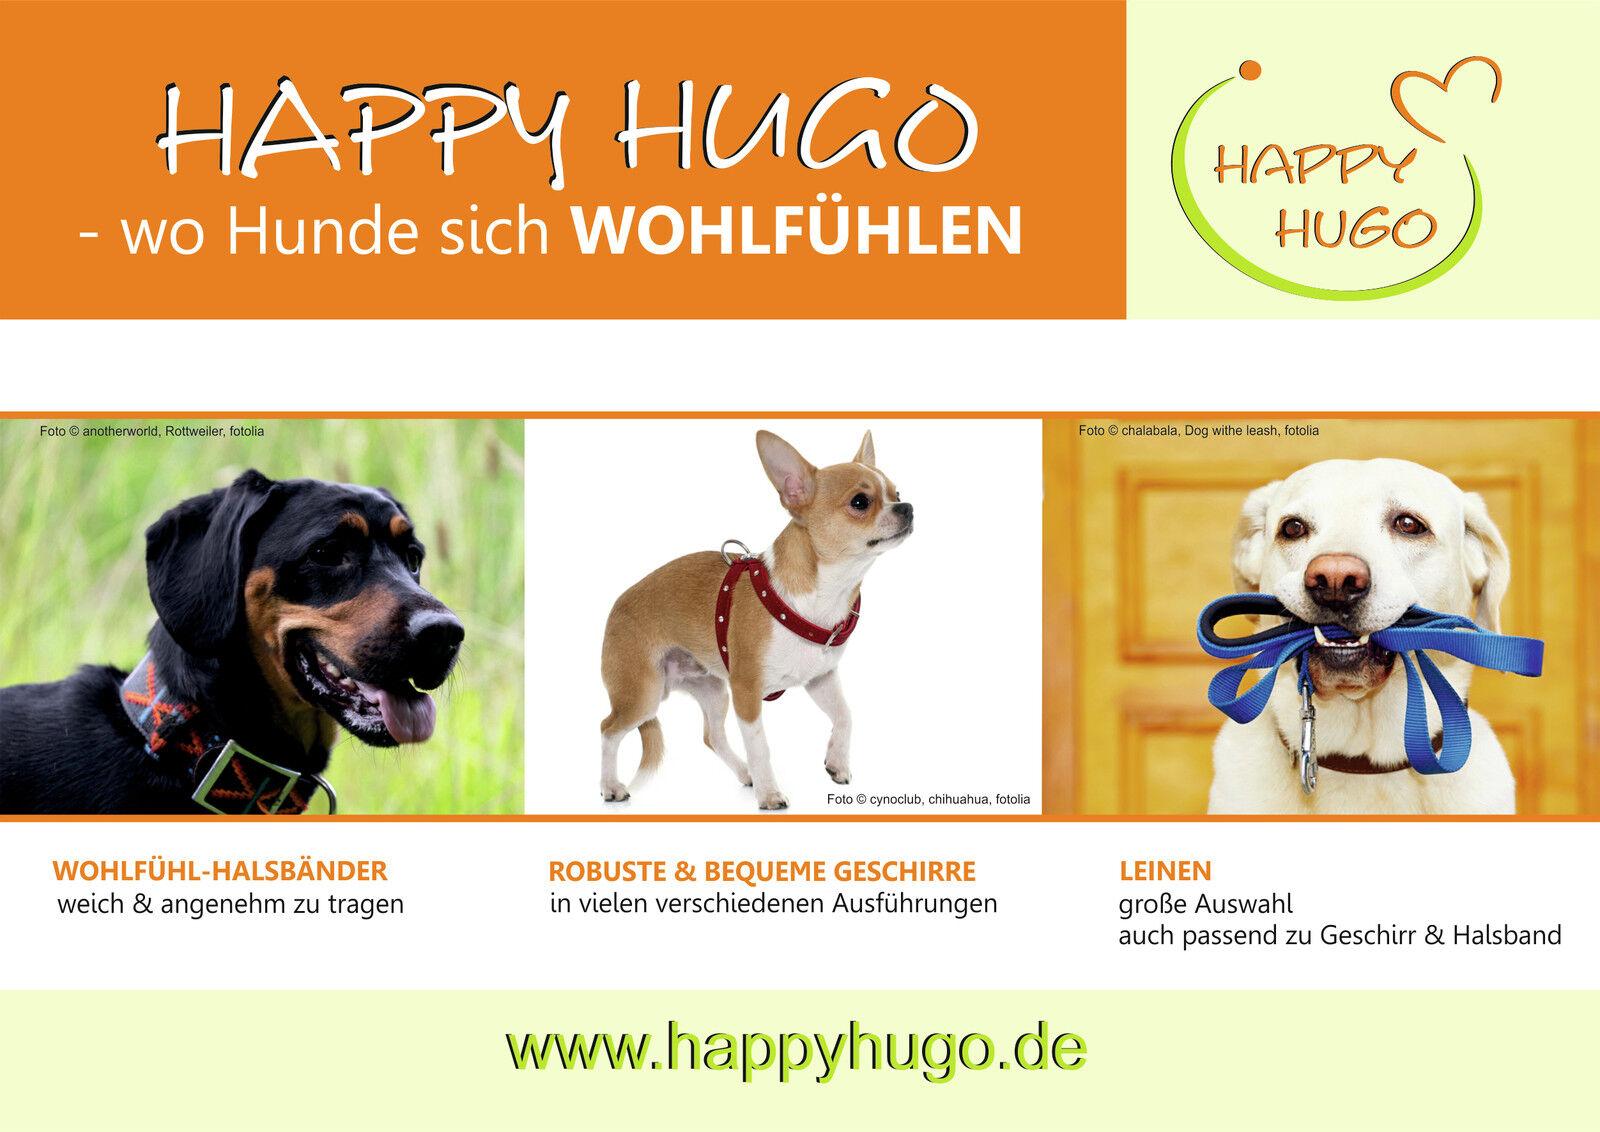 Happy Hugos HUNDESHOP